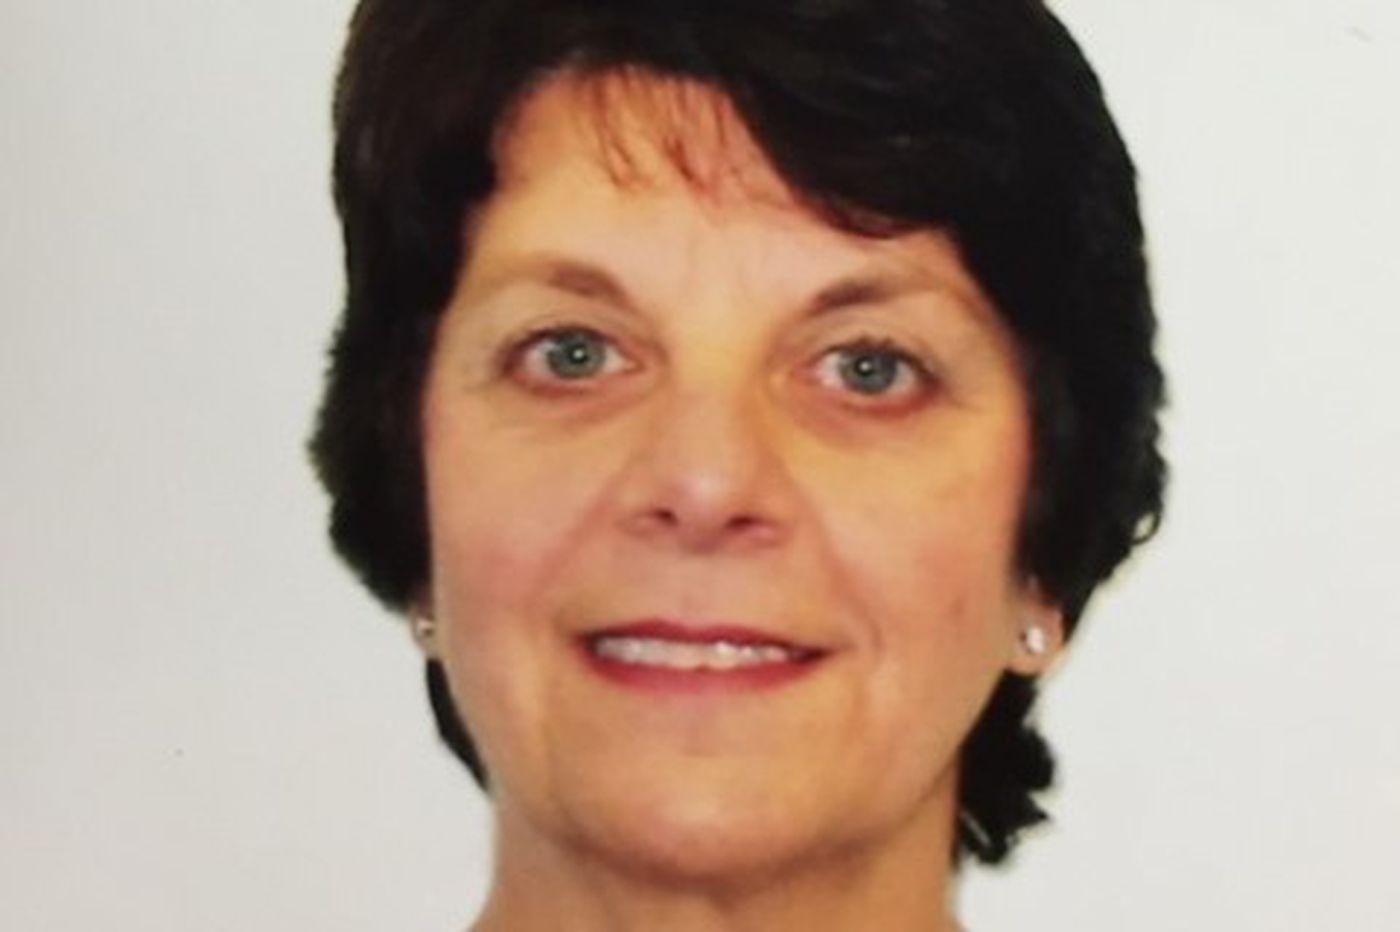 Elizabeth Jane Johnson, 68, co-owner of Gullifty's restaurant in Bryn Mawr